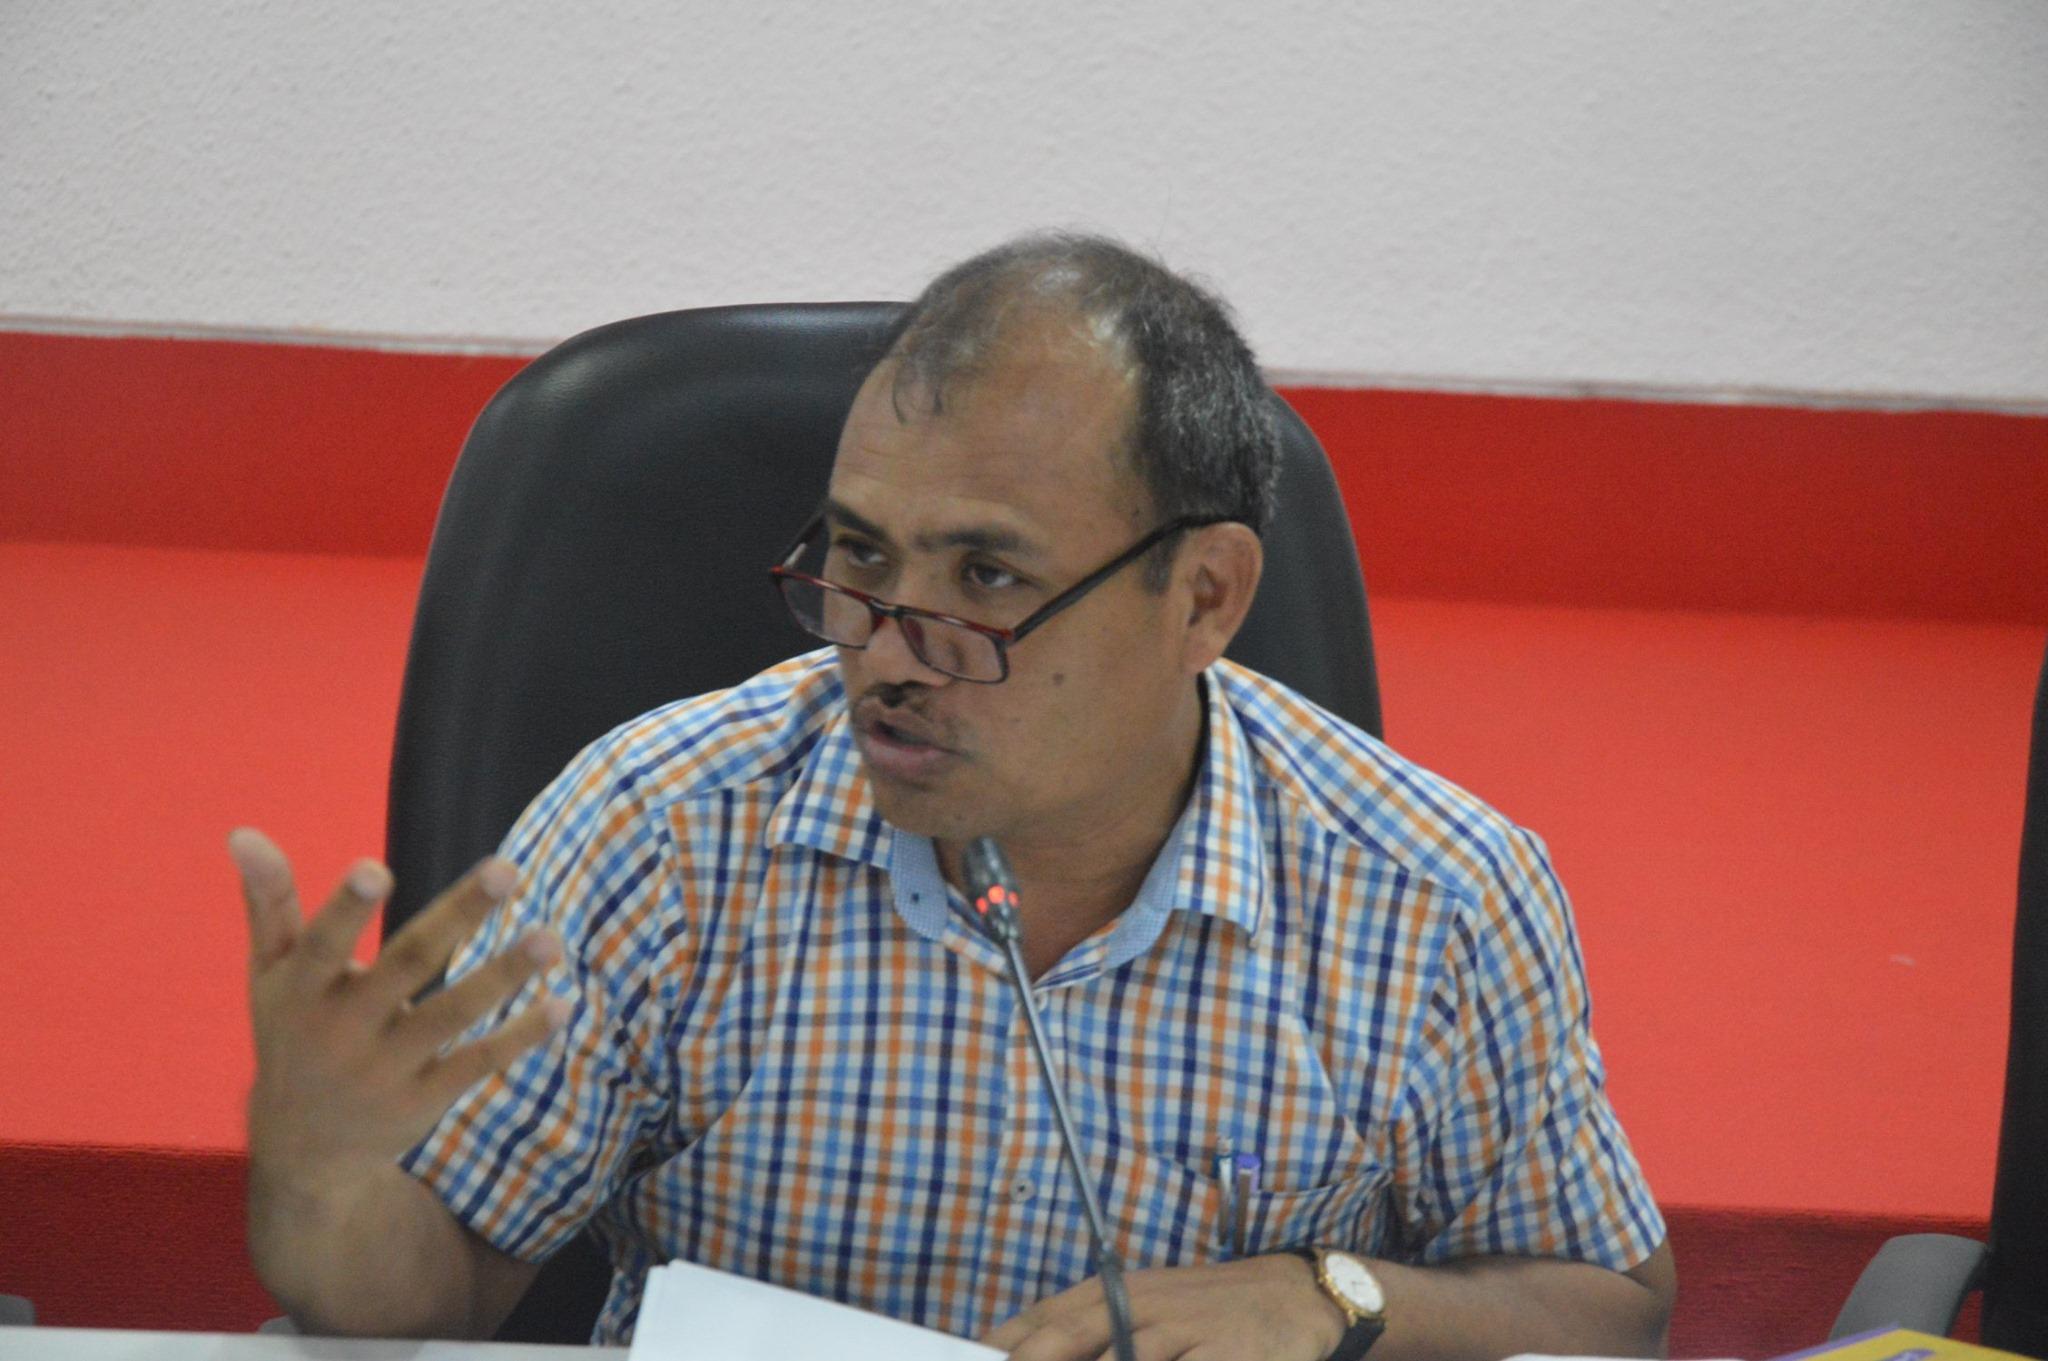 Sanjeeb Drong, General Secretary, Bangladesh Indigenous Peoples' Forum